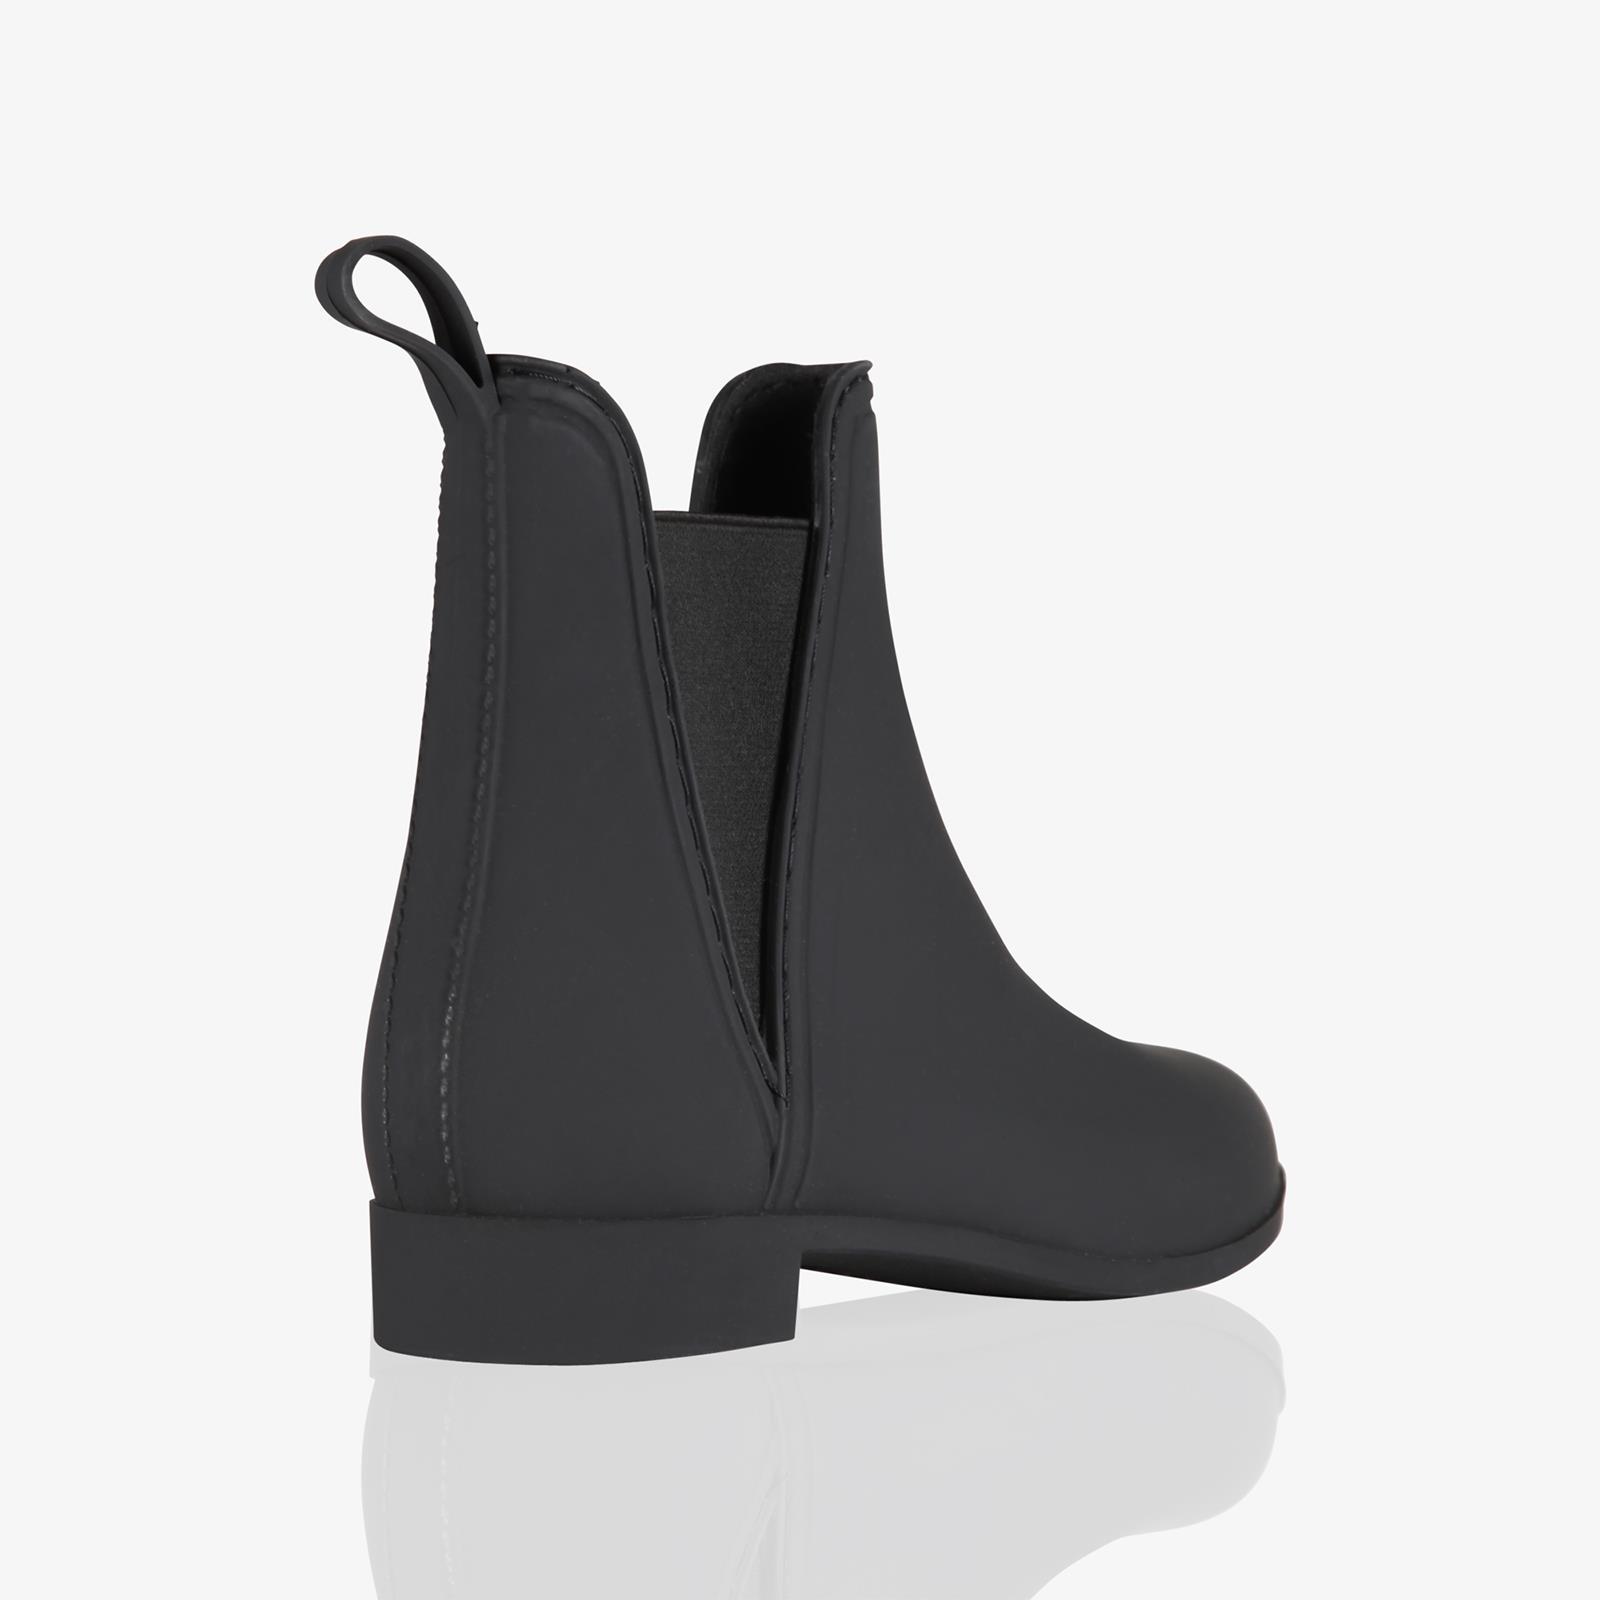 Botas-Agua-Mujer-Barata-Original-Botines-Moda-Comodas-Calzado-Elastico-Juveniles miniatura 30